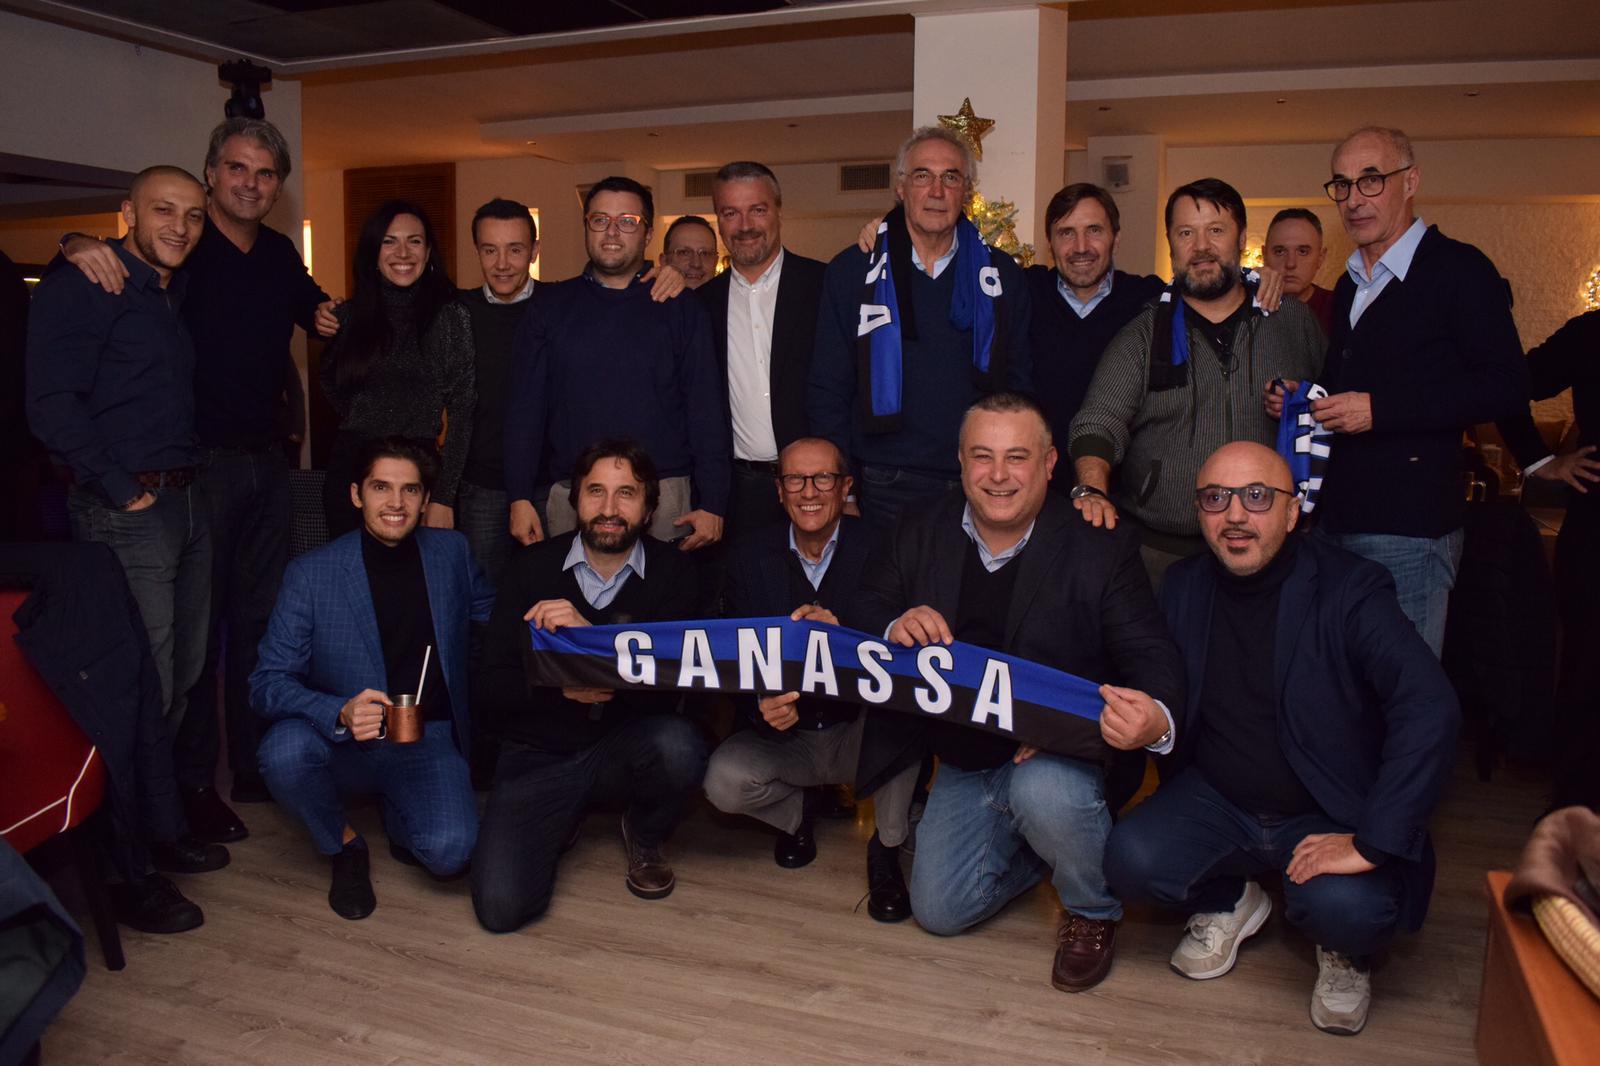 castellanza inter club ganassa